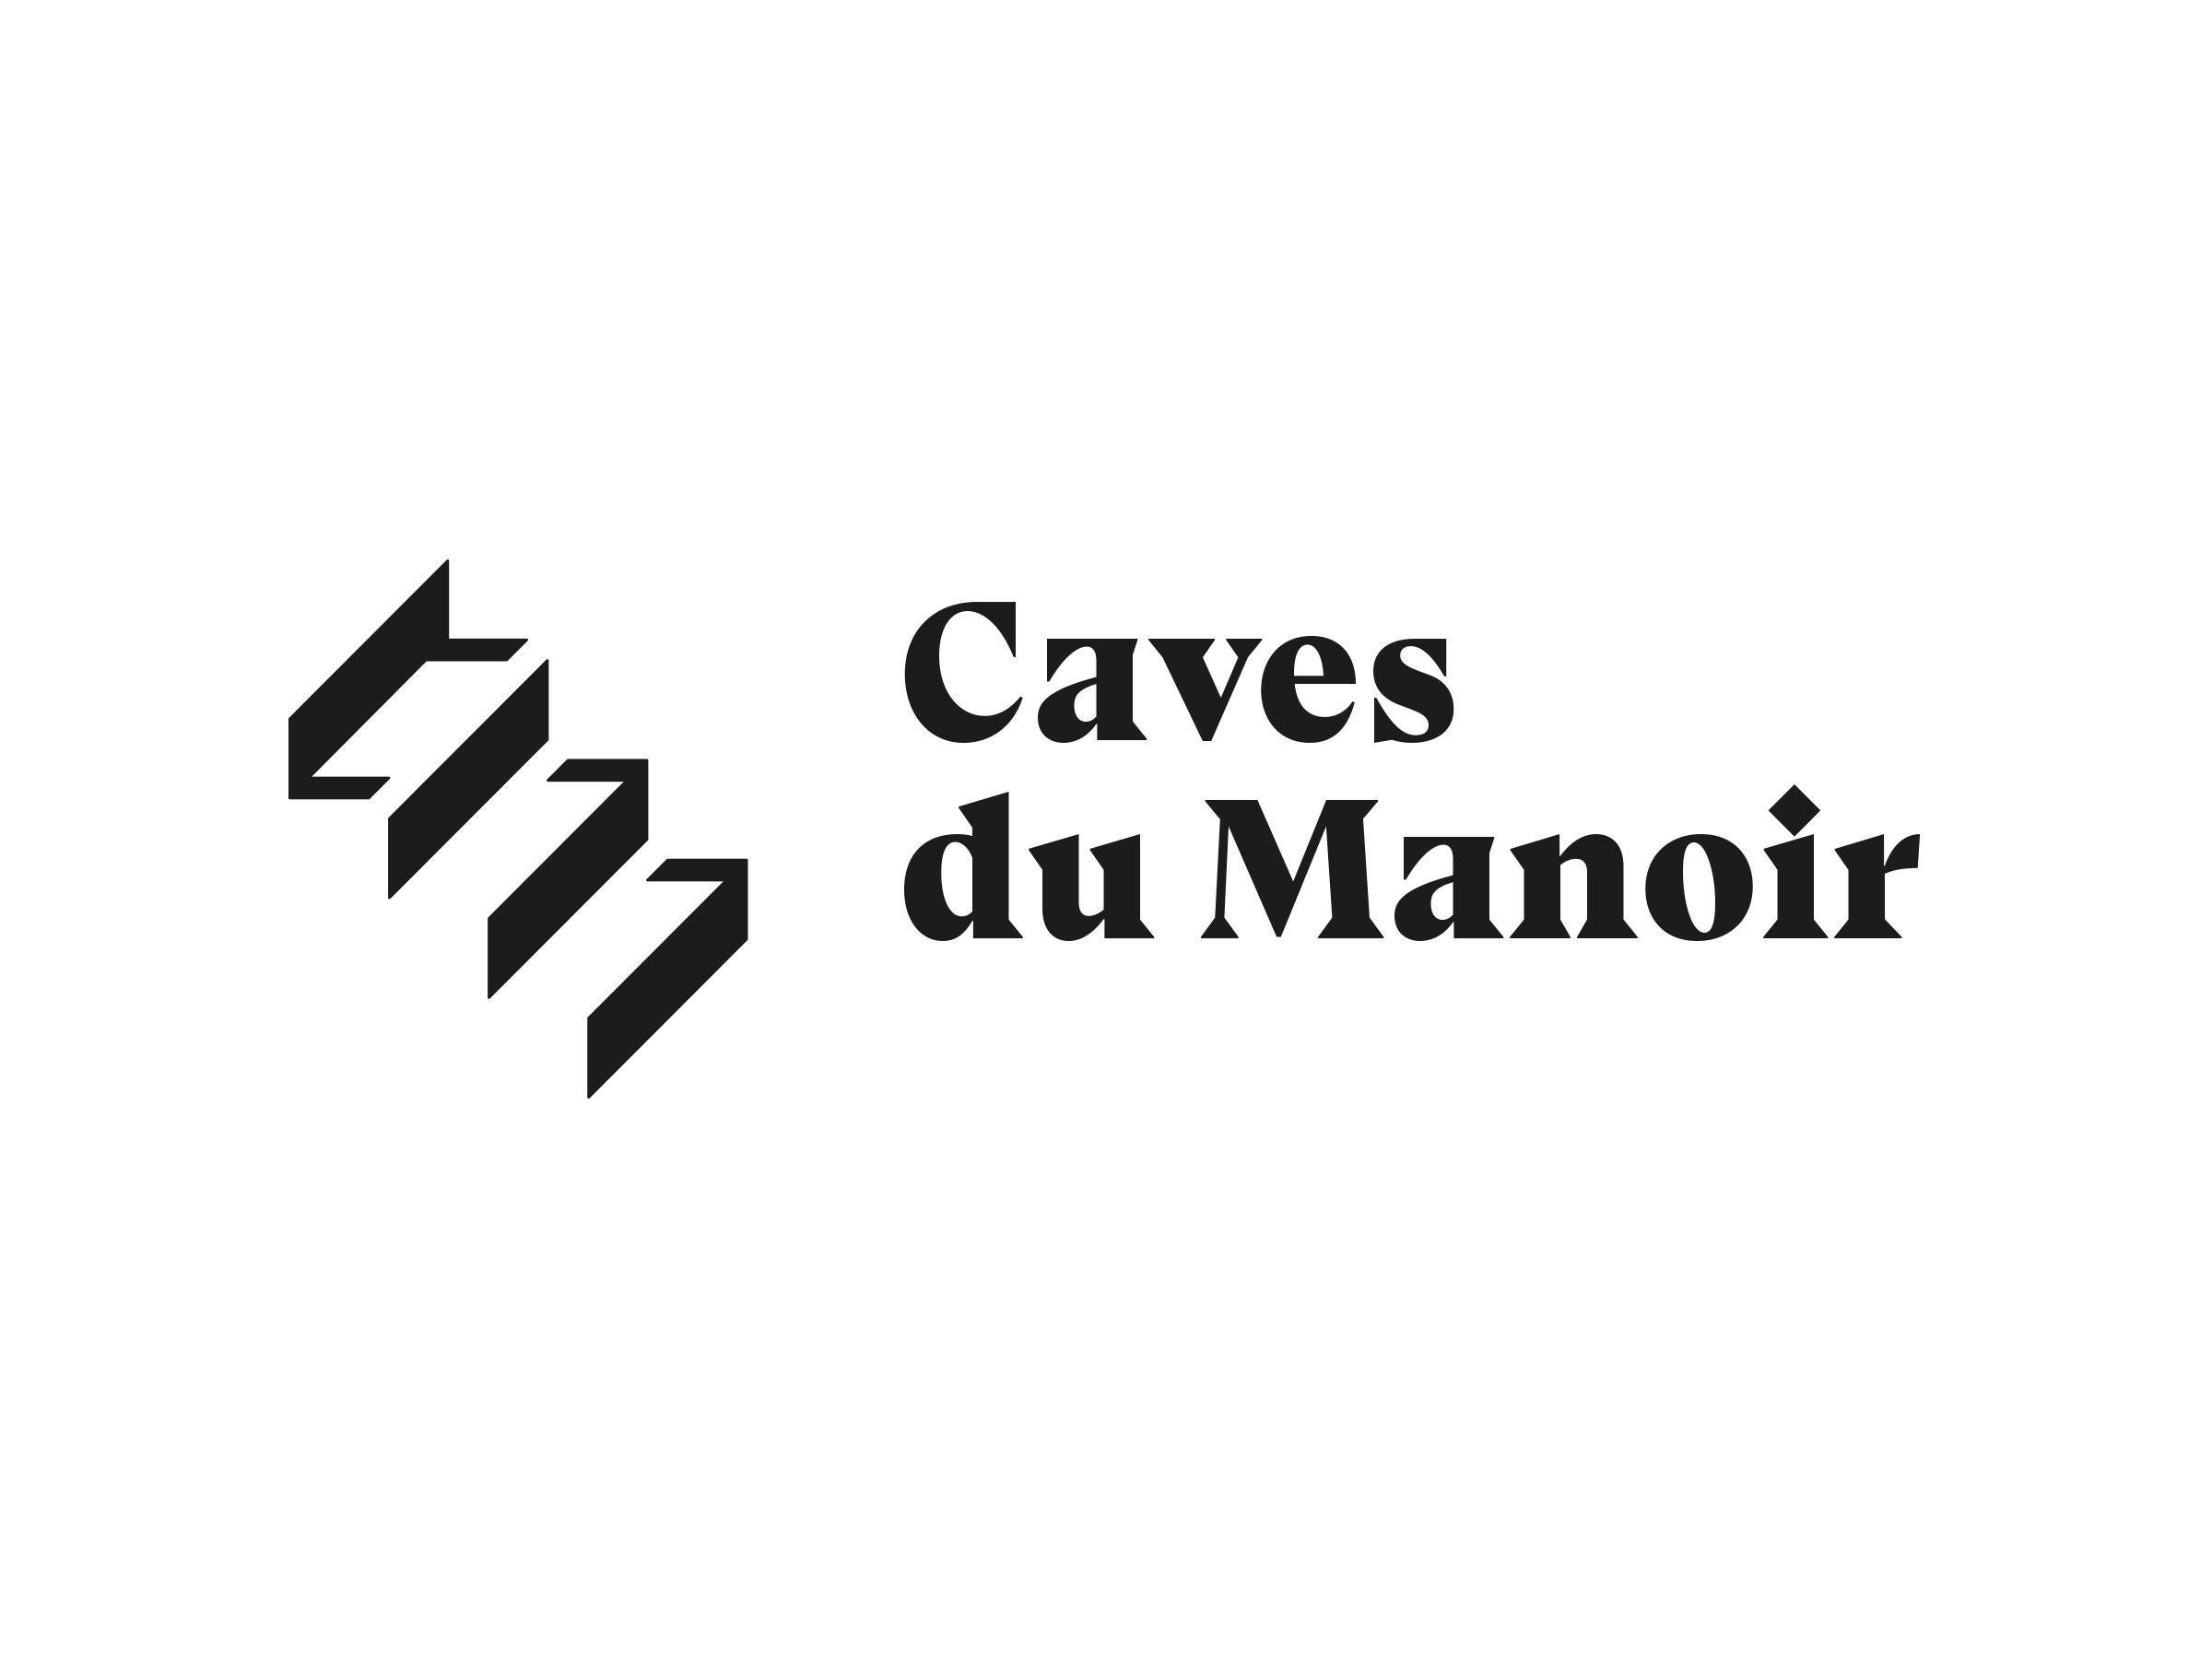 Les Caves Du Manoir caves du manoir - fonts in use